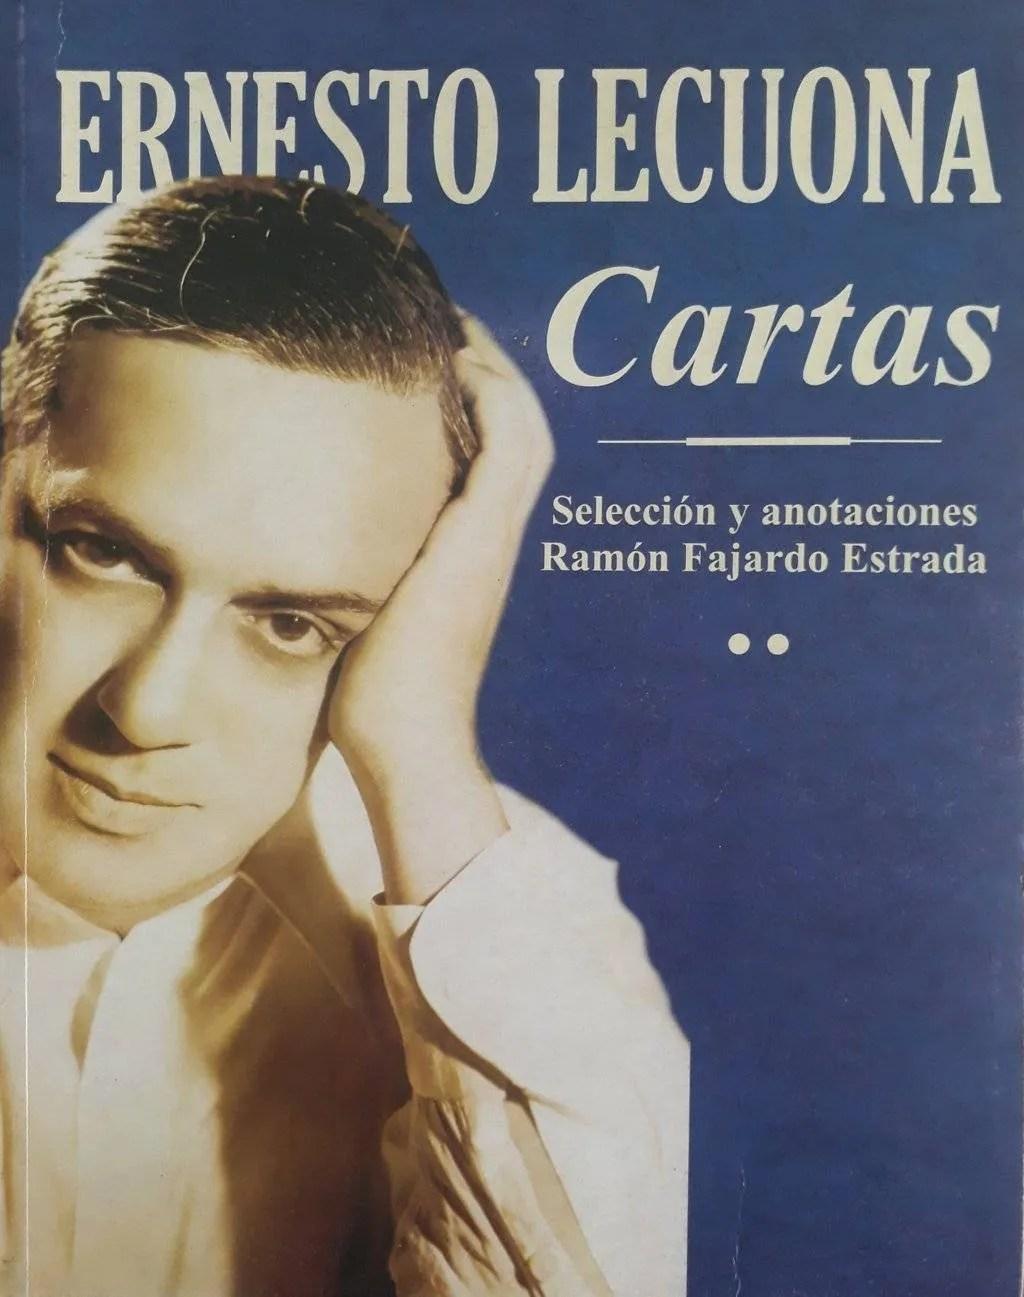 Portada del libro Ernesto Lecuona. Cartas, con selección y anotaciones de Ramón Fajardo Estrada.